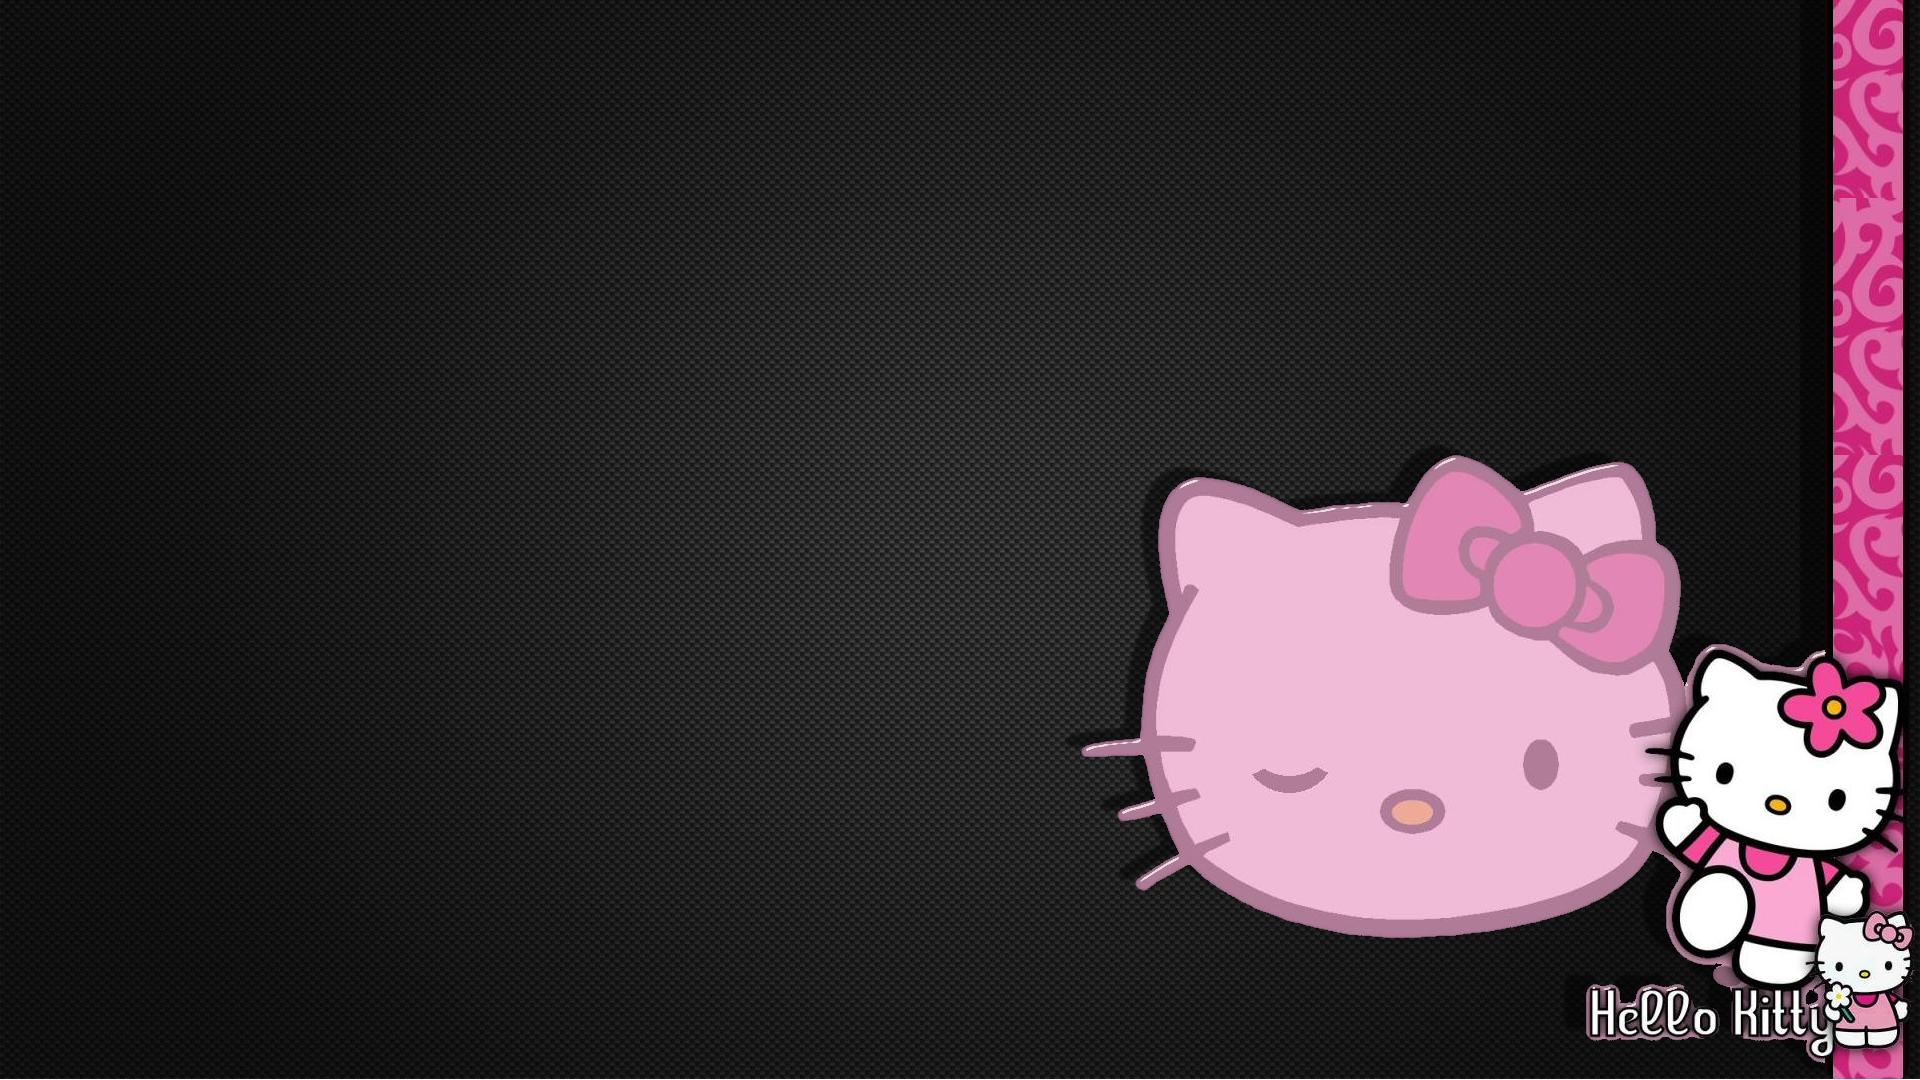 hello kitty   Hello Kitty Online Wallpaper 36055243 1920x1080